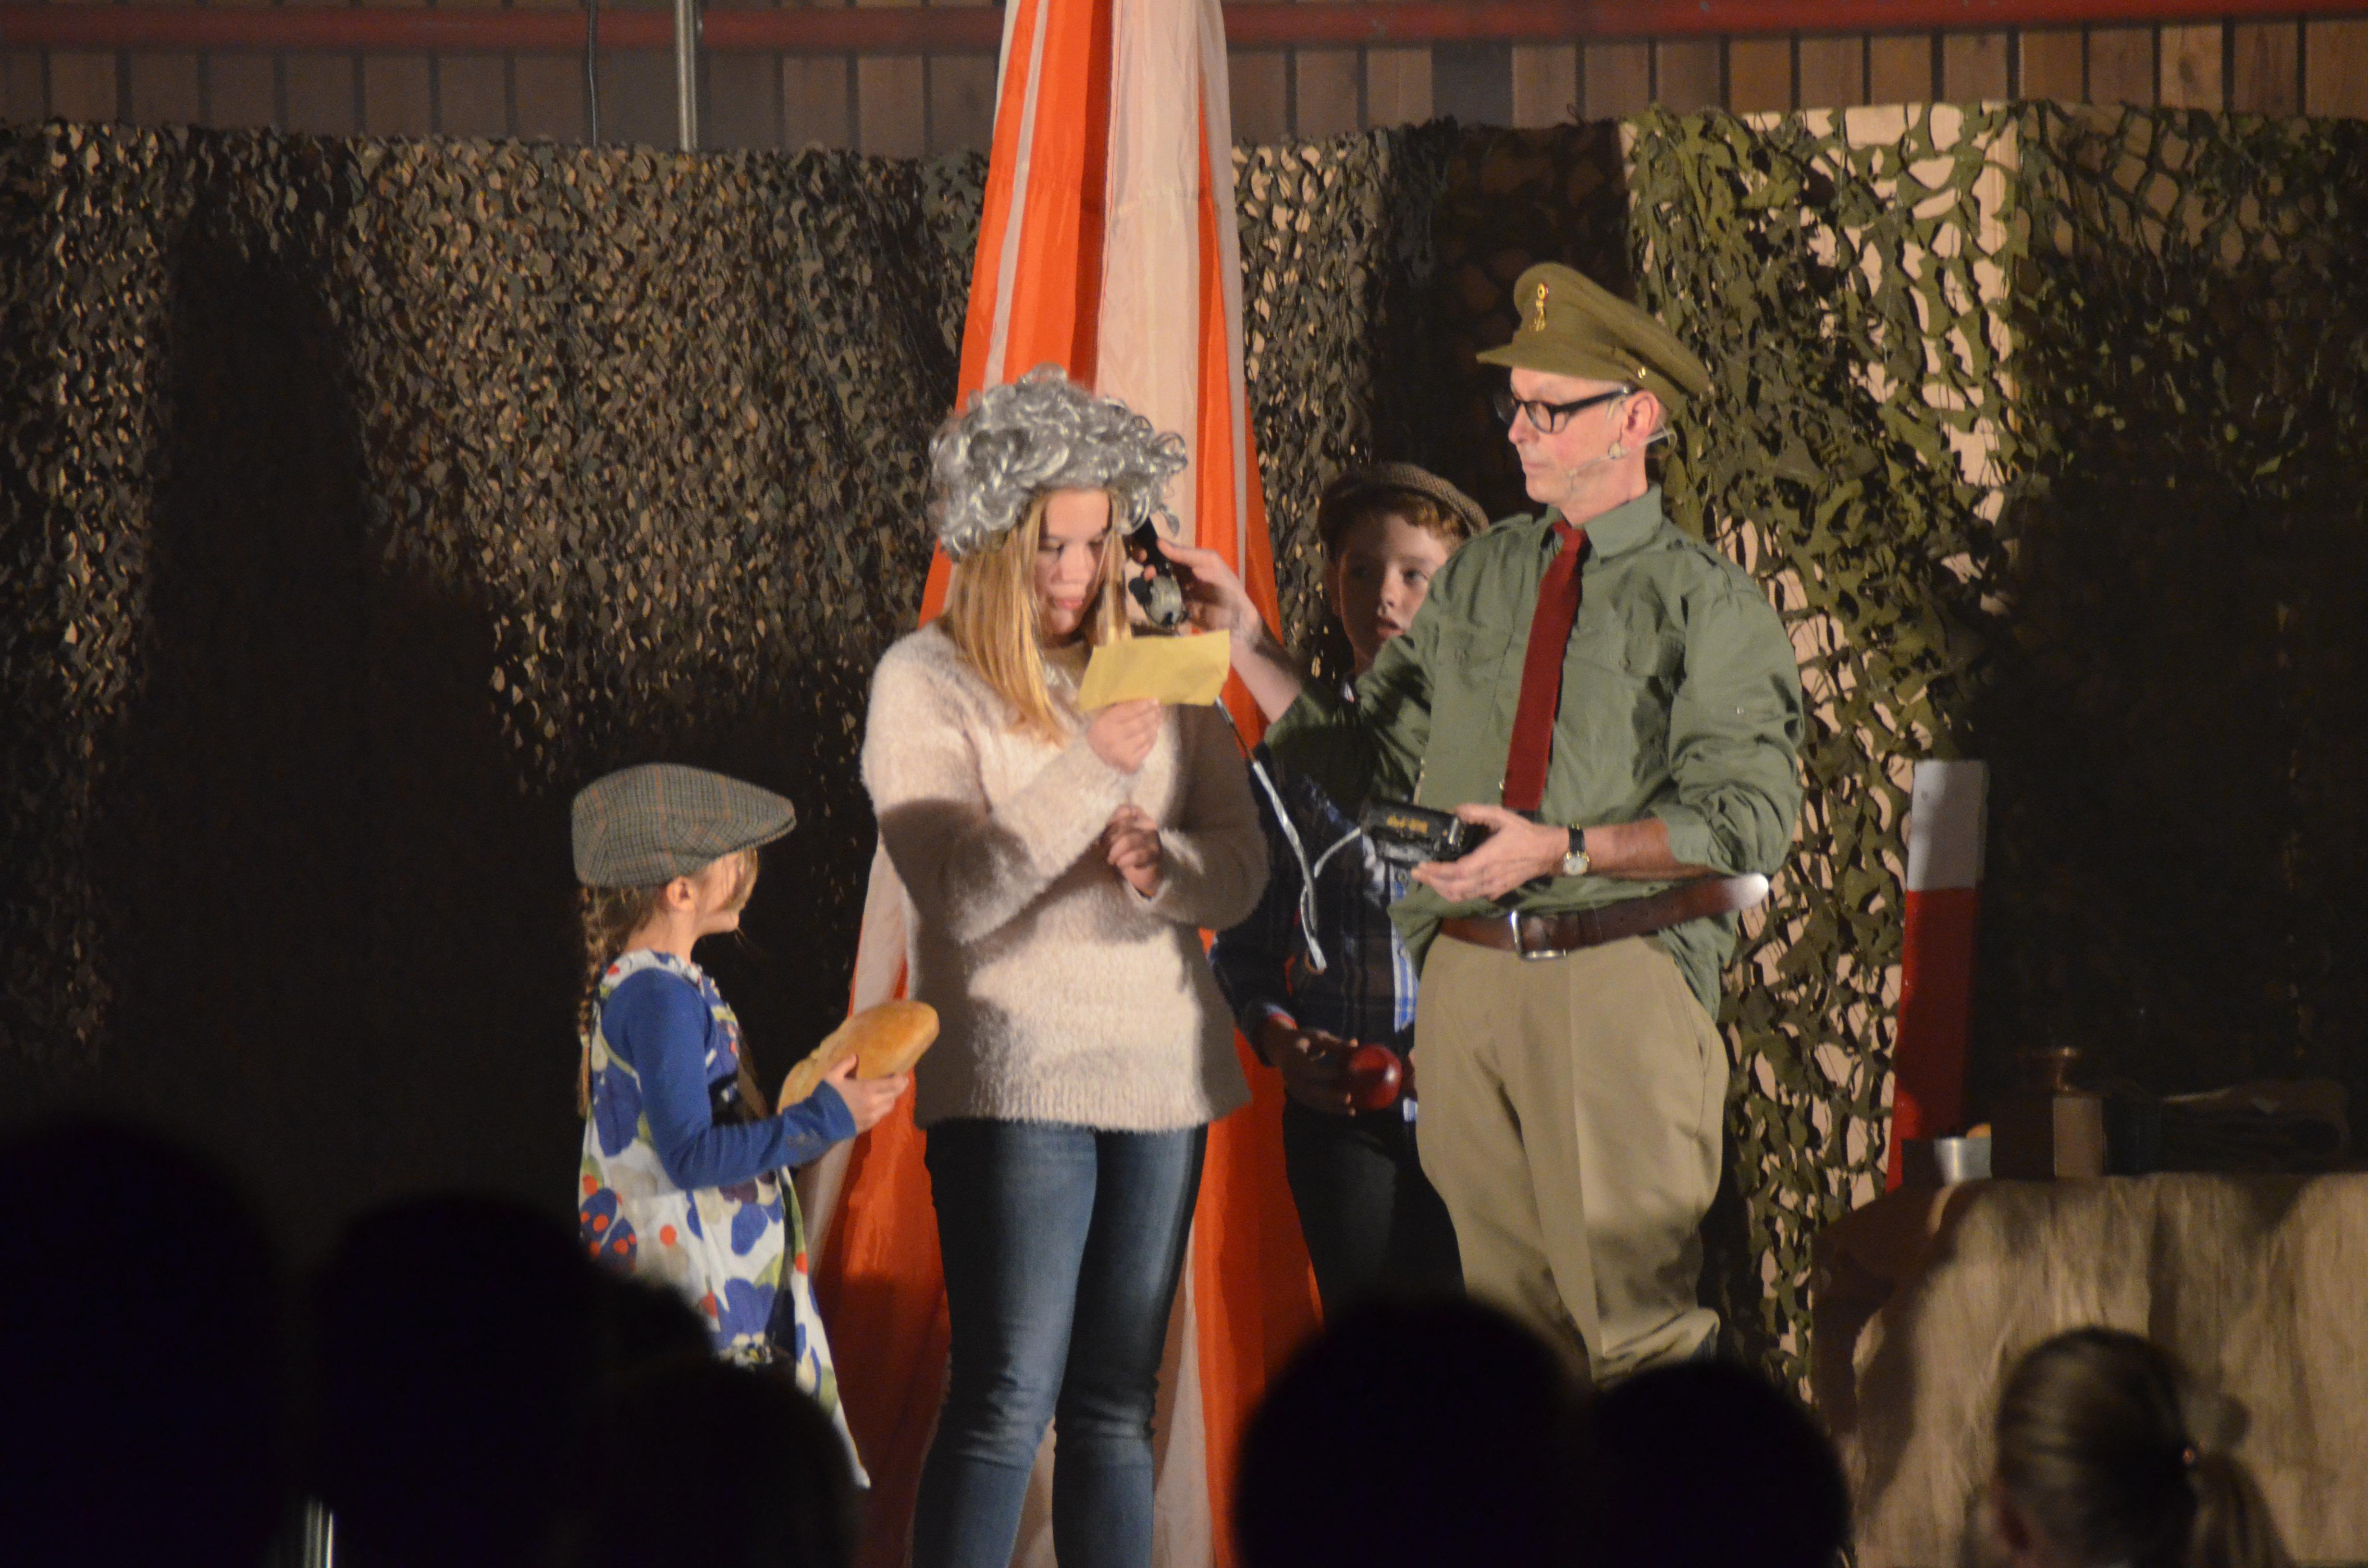 kindertheater 2014: de kletsmajoor